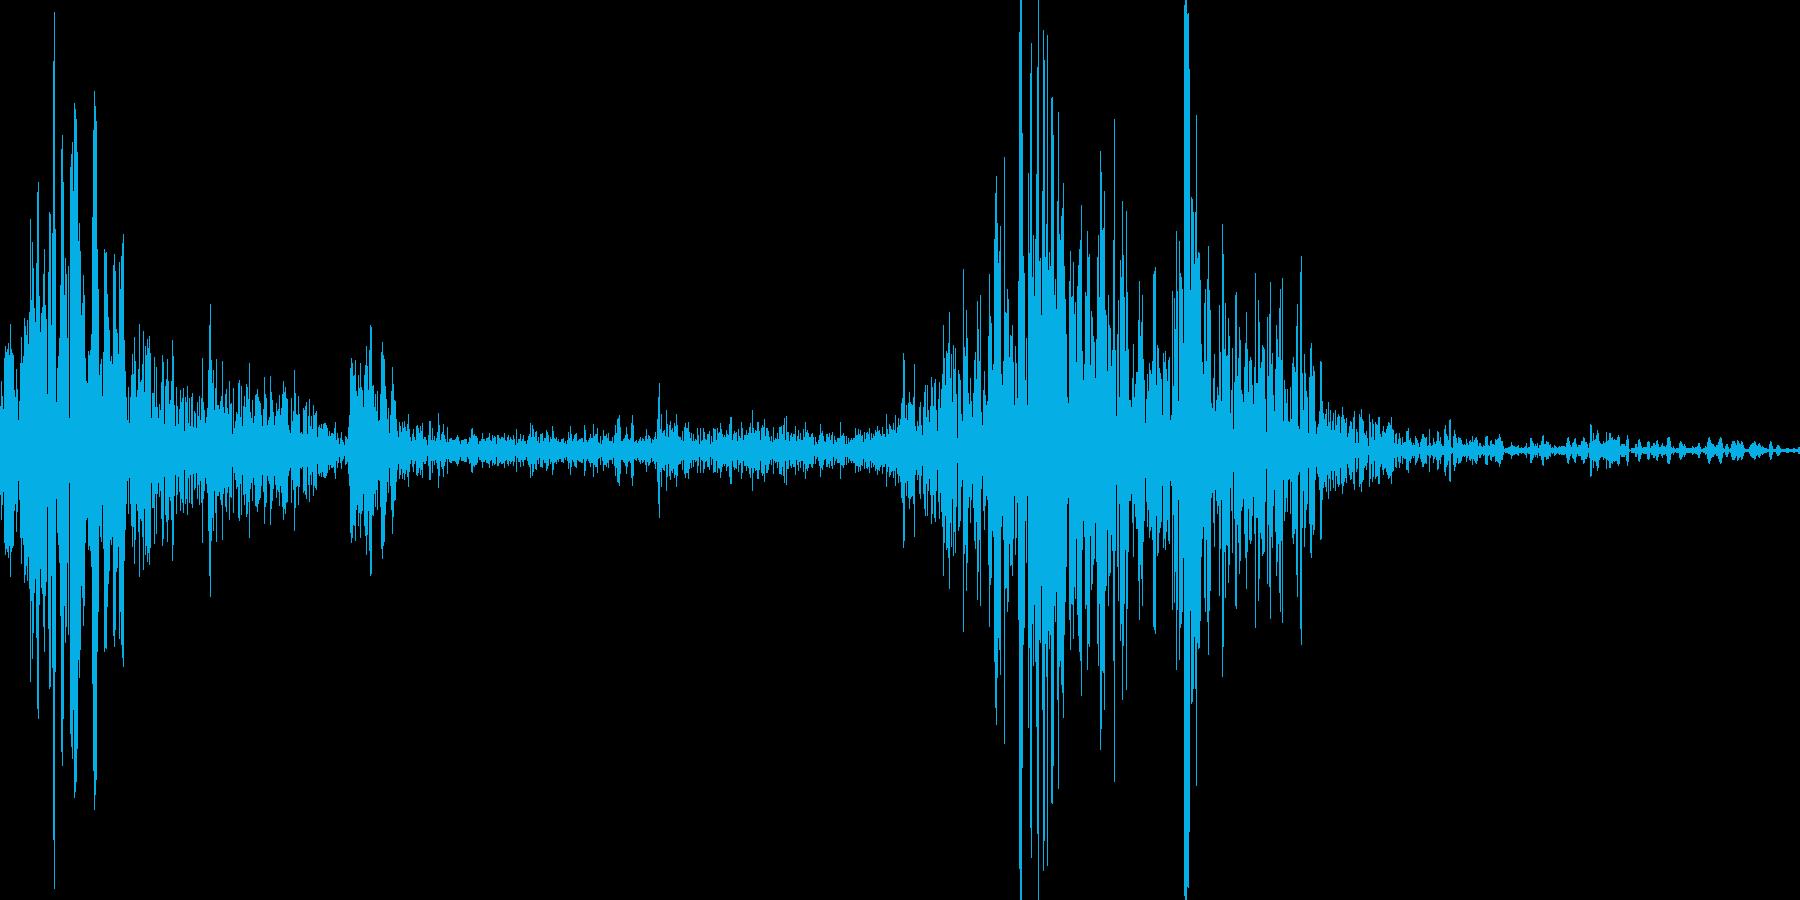 【ぺらっ】本のページをめくる音の再生済みの波形